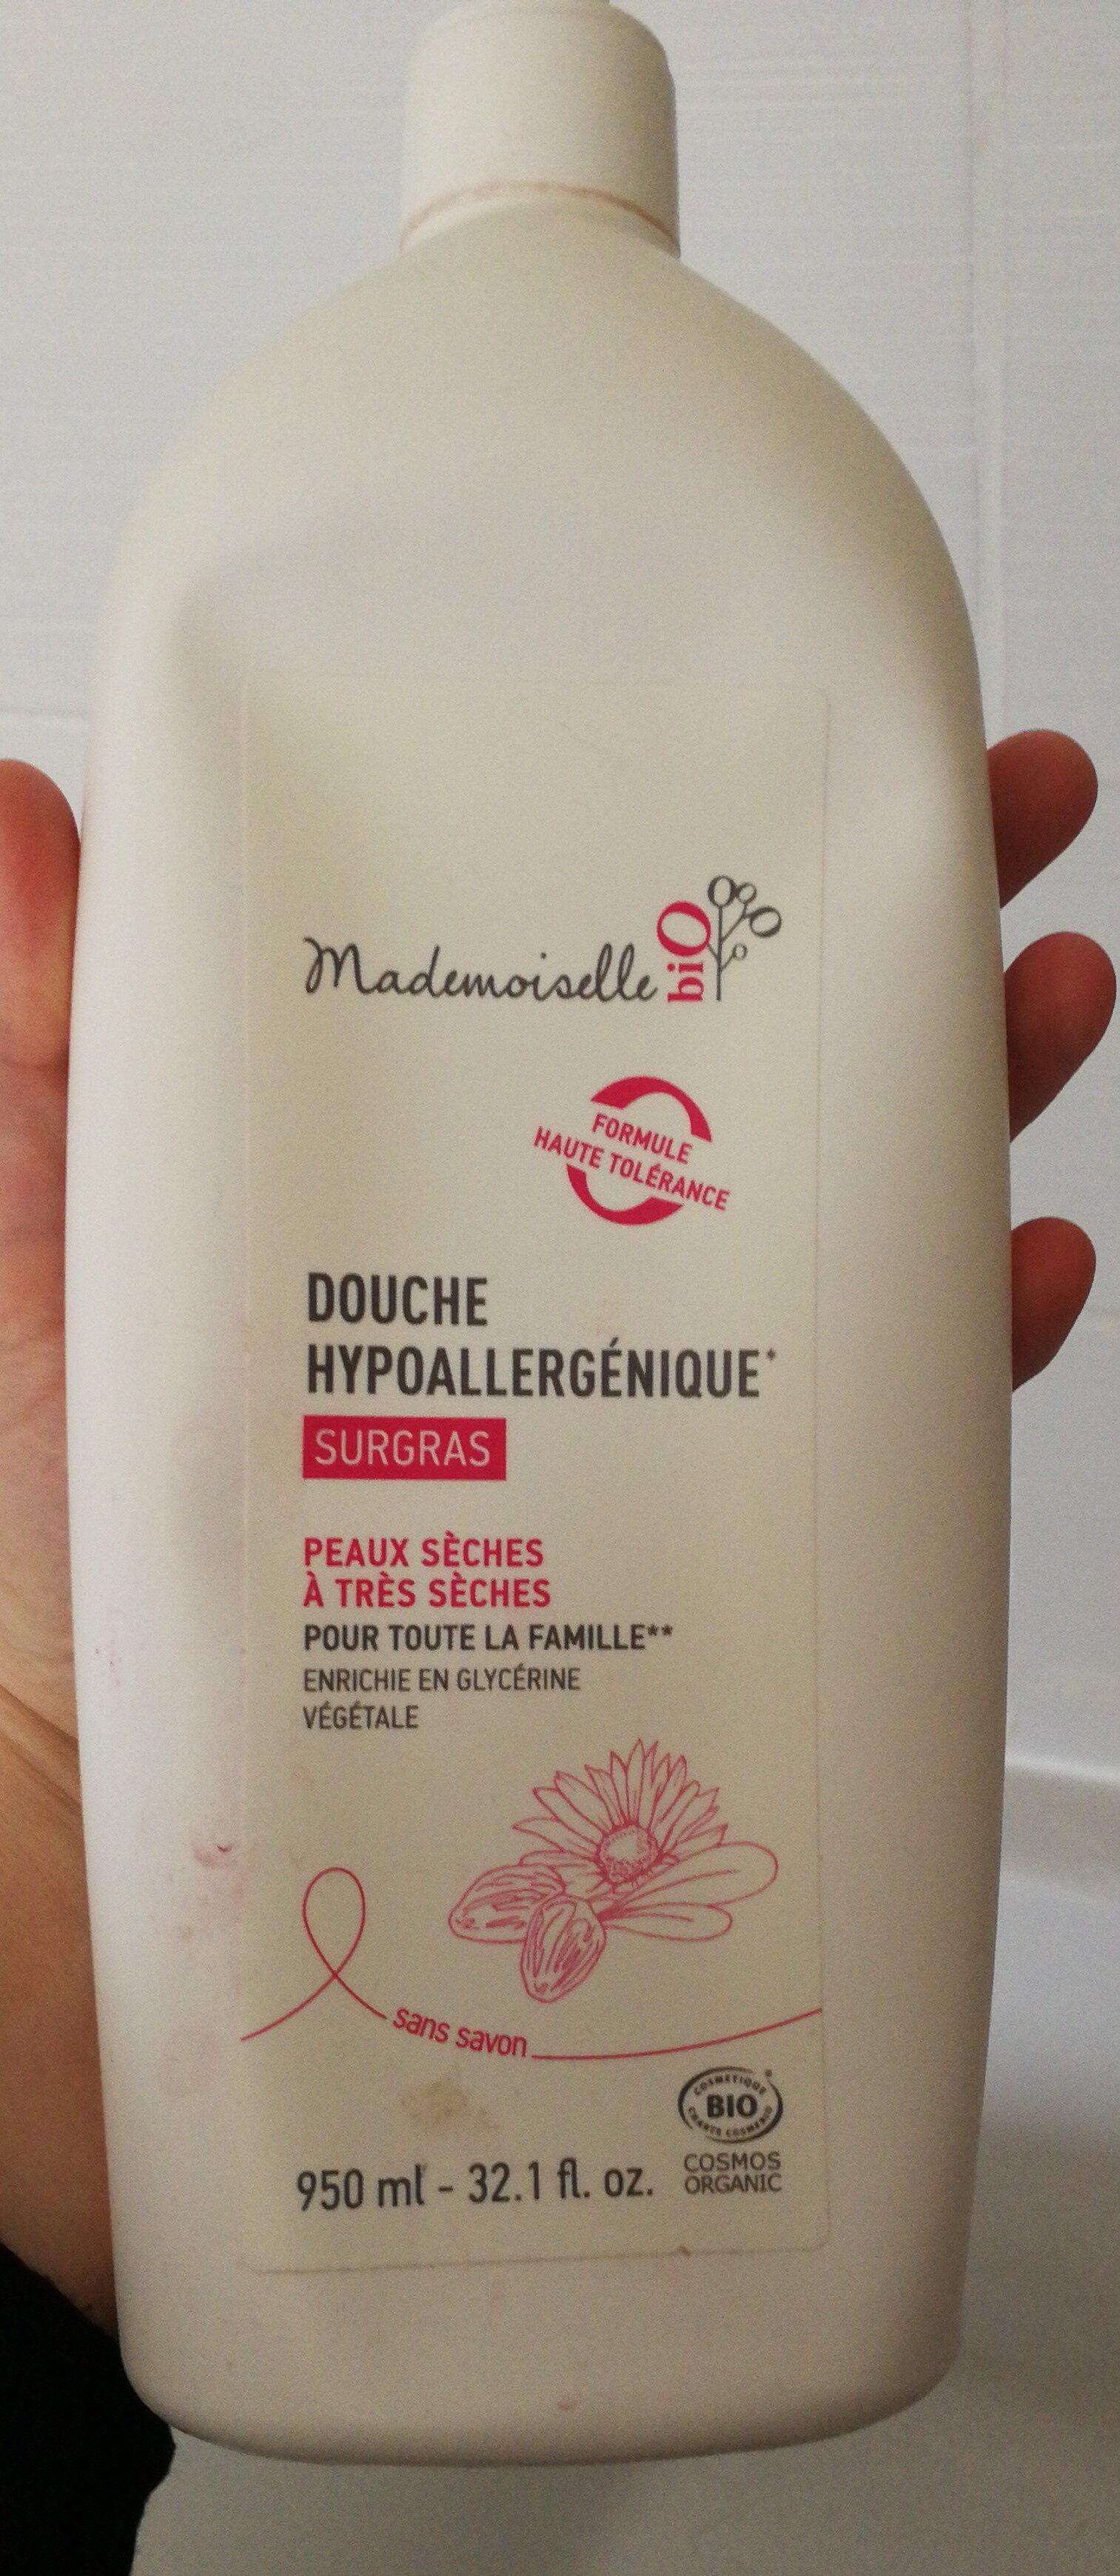 douche hypoallergenique surgras dans savon - Product - fr